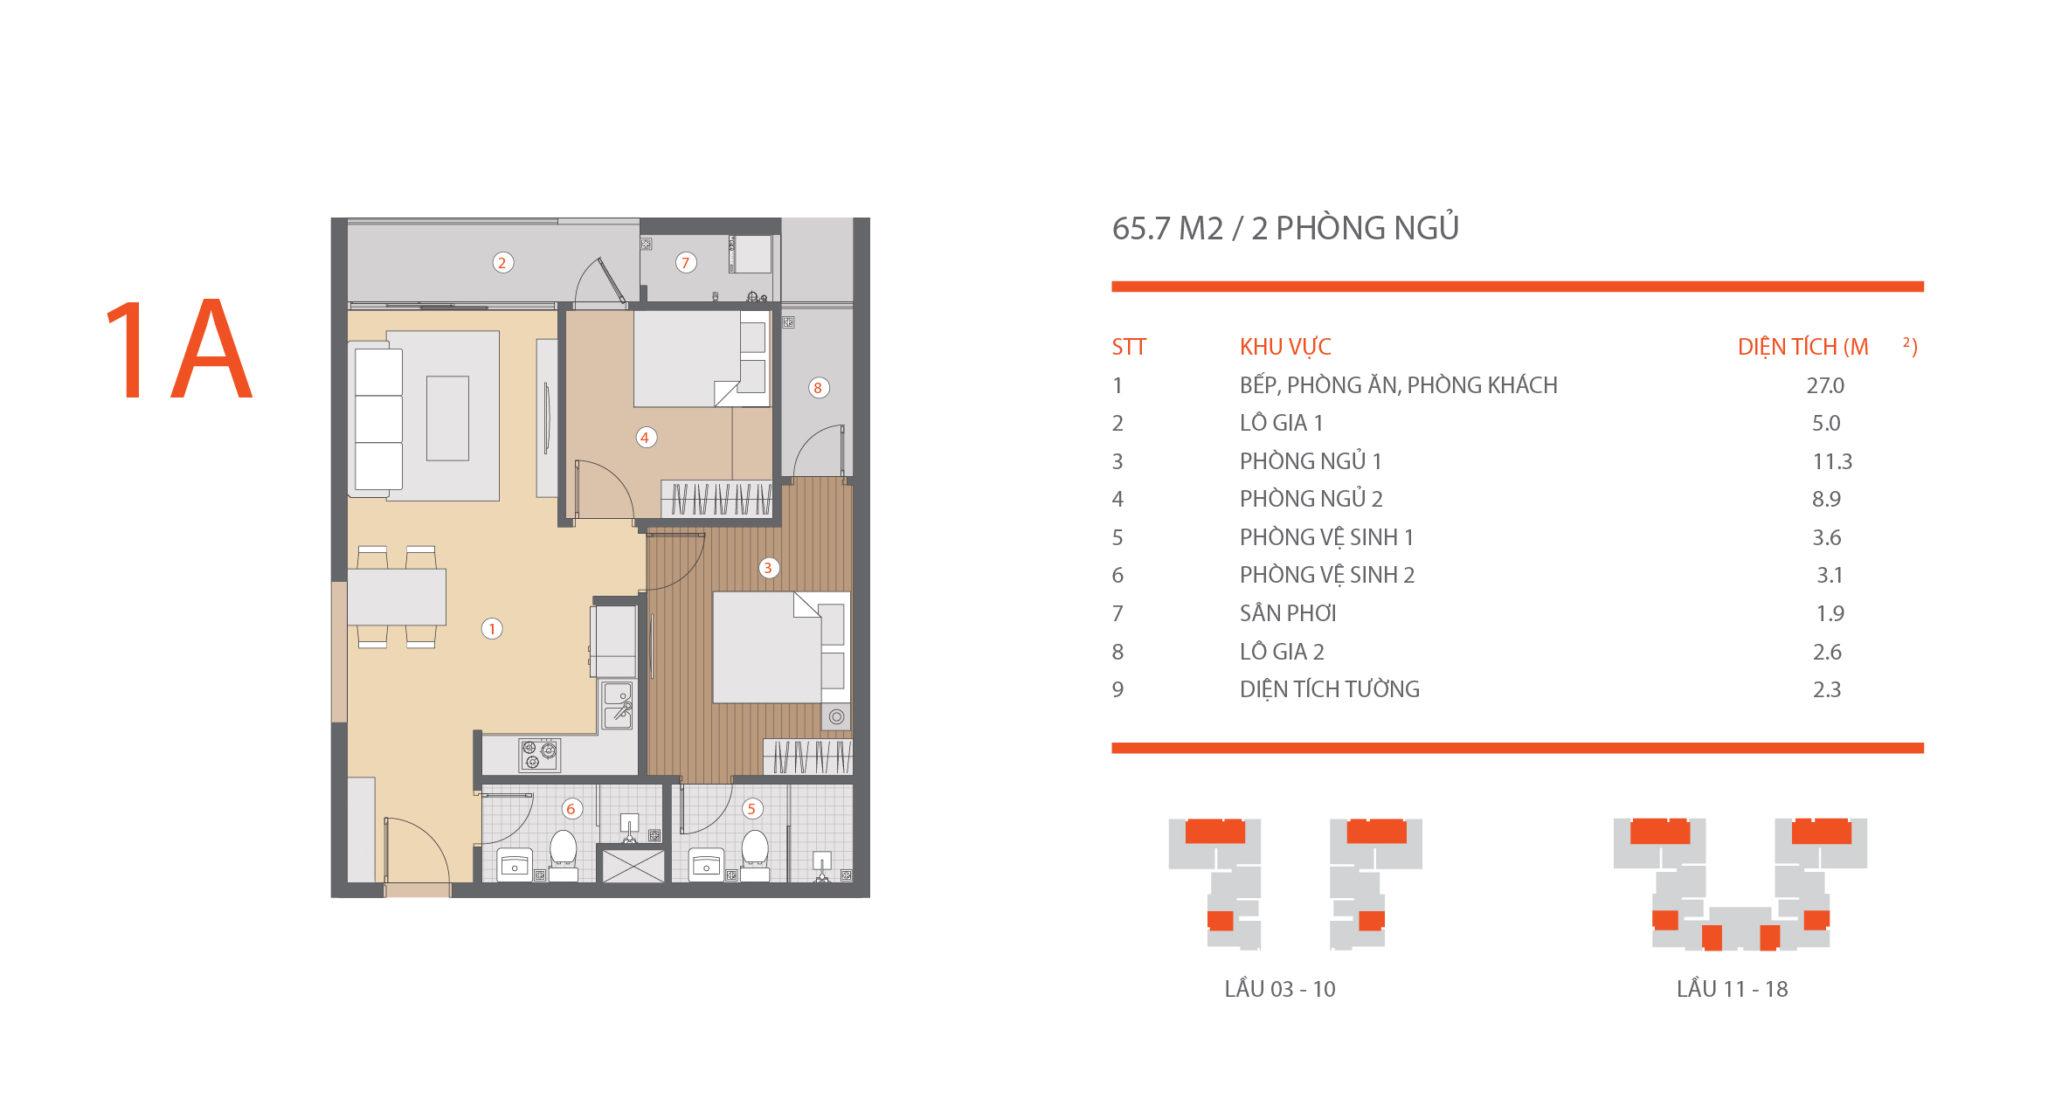 Thiết kế căn hộ Hausneo 2 phòng ngủ